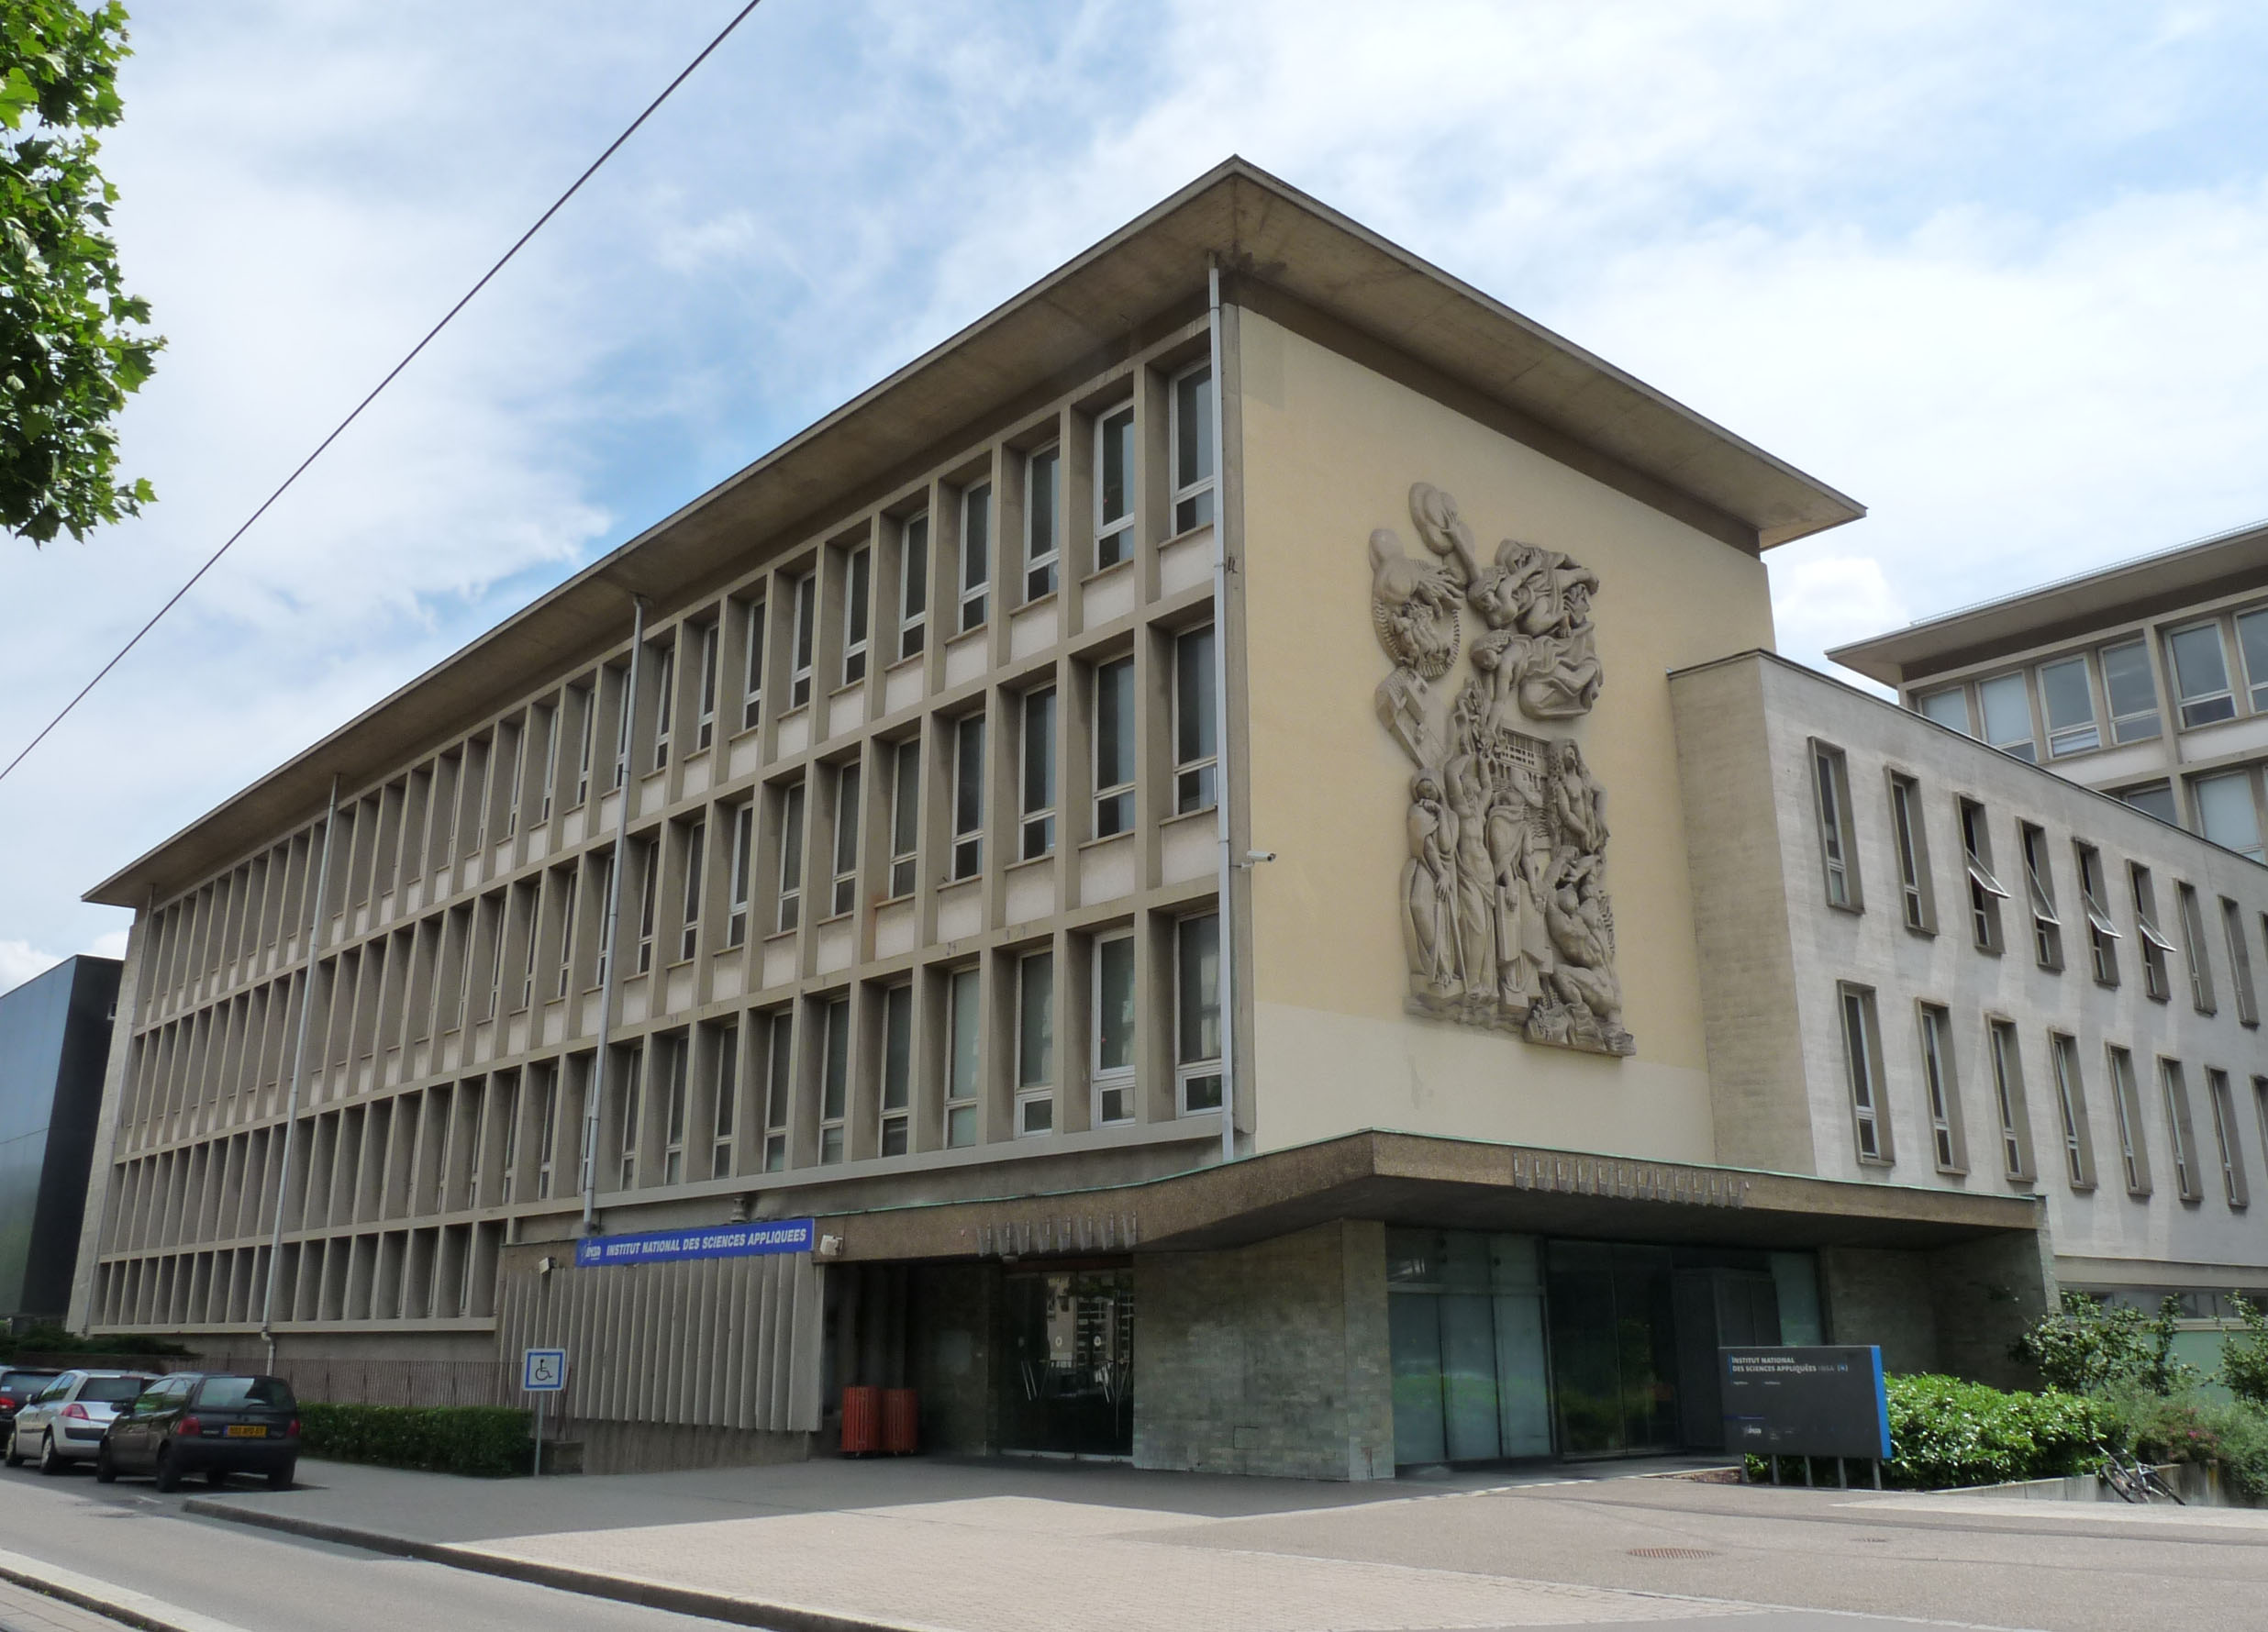 Vinte e sete instituições de ensino superior francesas são conveniadas à UFC. Elas pertencem a sete grandes grupos: Écoles Centrales (EC), Instituts Nationaux des Sciences Appliquées (INSA), Arts et Métiers ParisTech, Université de Technologie de Troyes (ITT), École IT-SudParis, École Supérieure d'Électricité (Supélec) e Institut Mines-Télécom (FOTO: Divulgação/Insa)